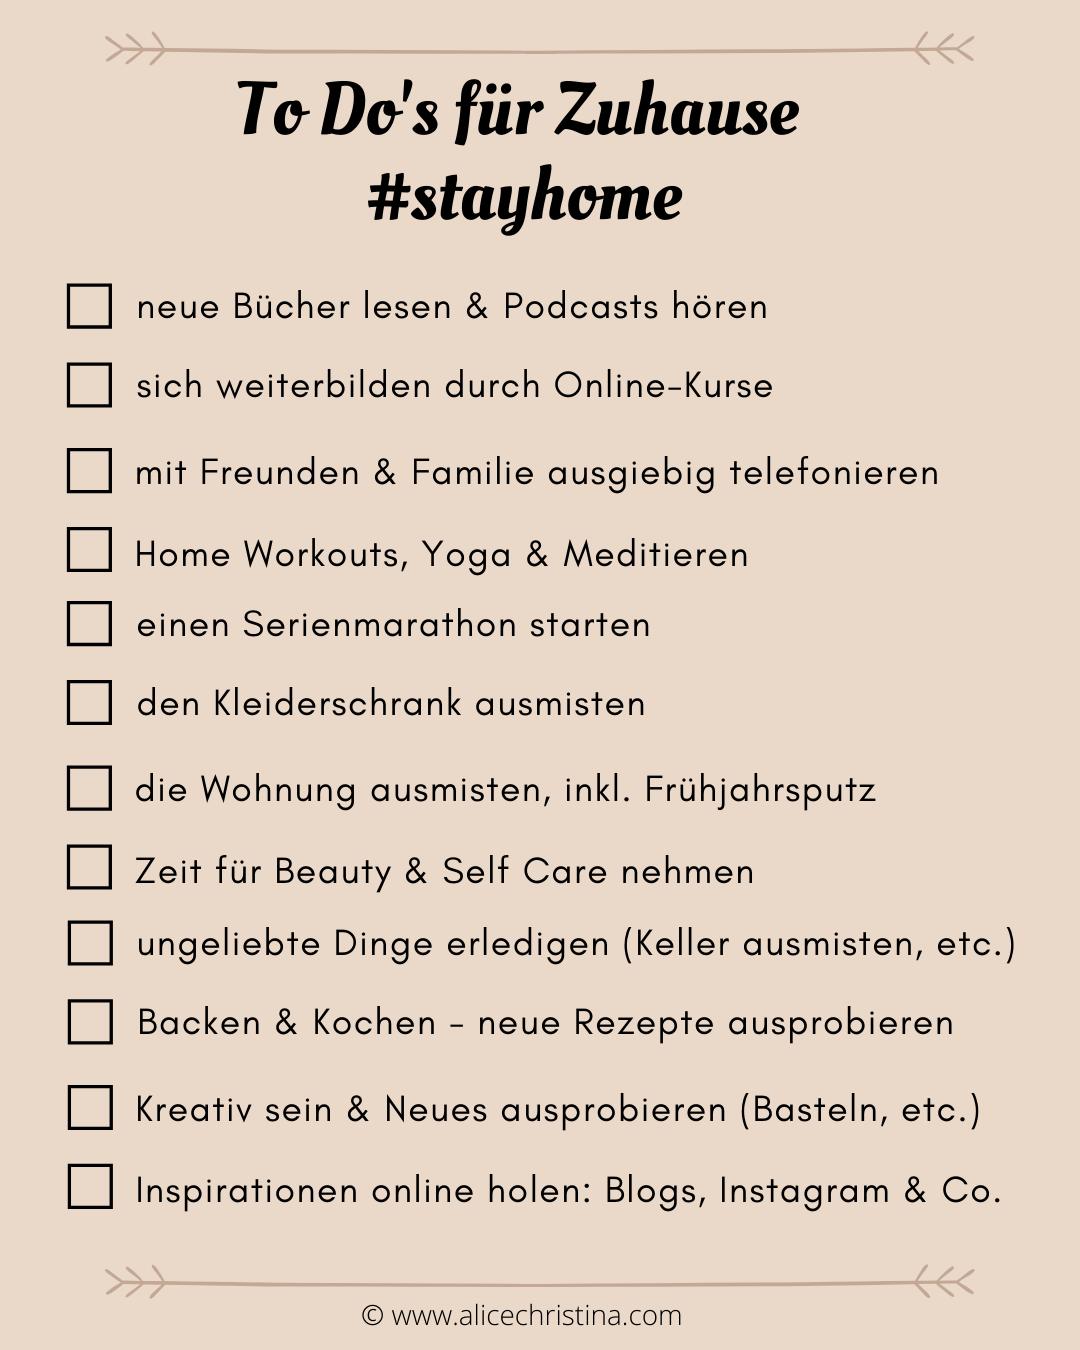 To Do's für Zuhause - stayhome Ideen und Inspirationen in Zeiten von Coronavirus